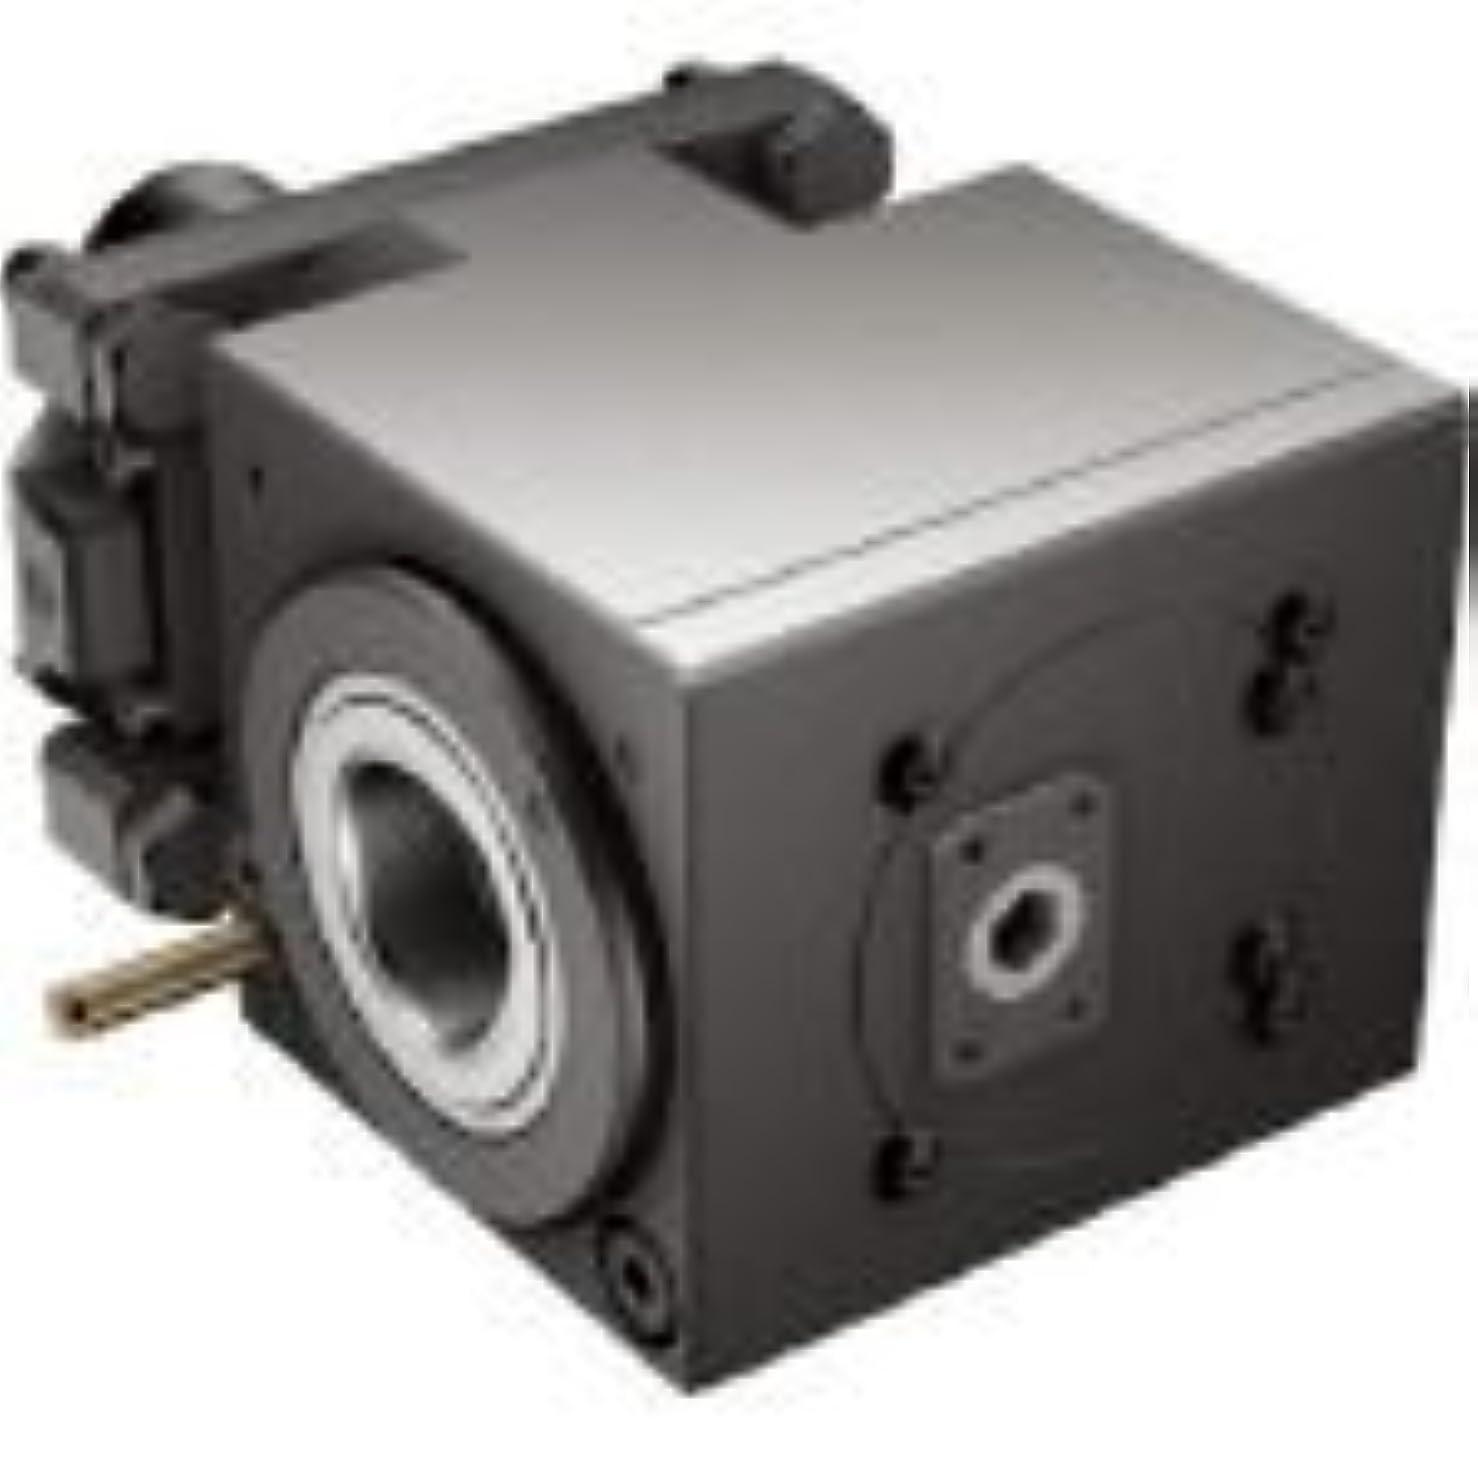 モート安心真空サンドビック キャプトクランピングユニット C5-DNI-GM40V-E-L (567-6096) 《クランプ(工作機械用)》